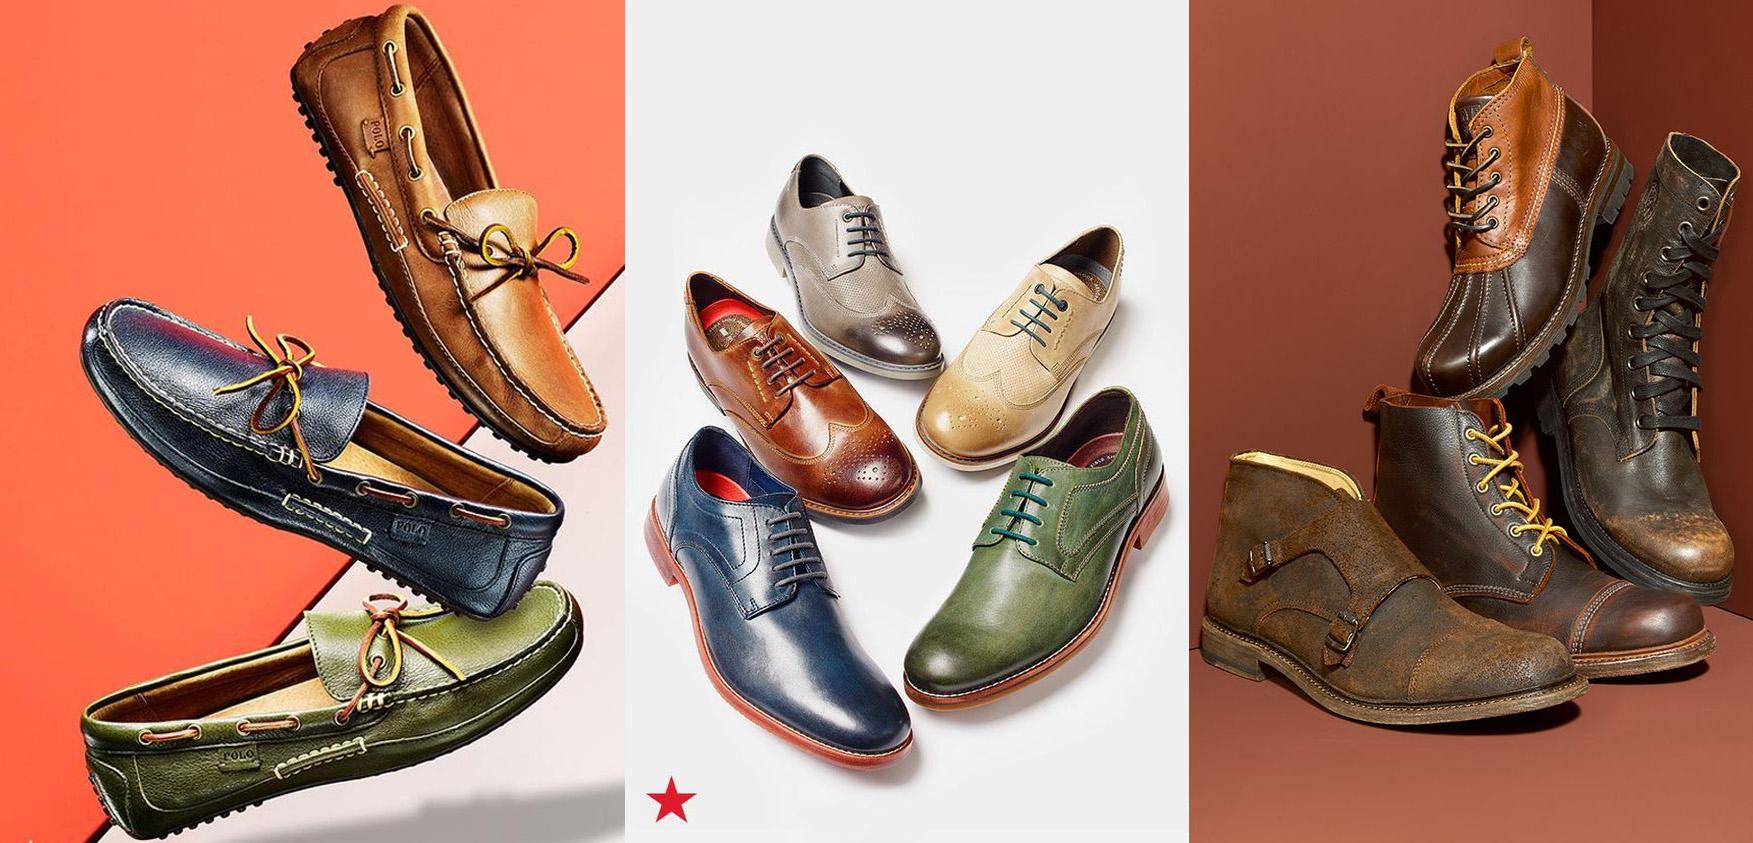 Macy's Men's Clearance Shoe Sale offers